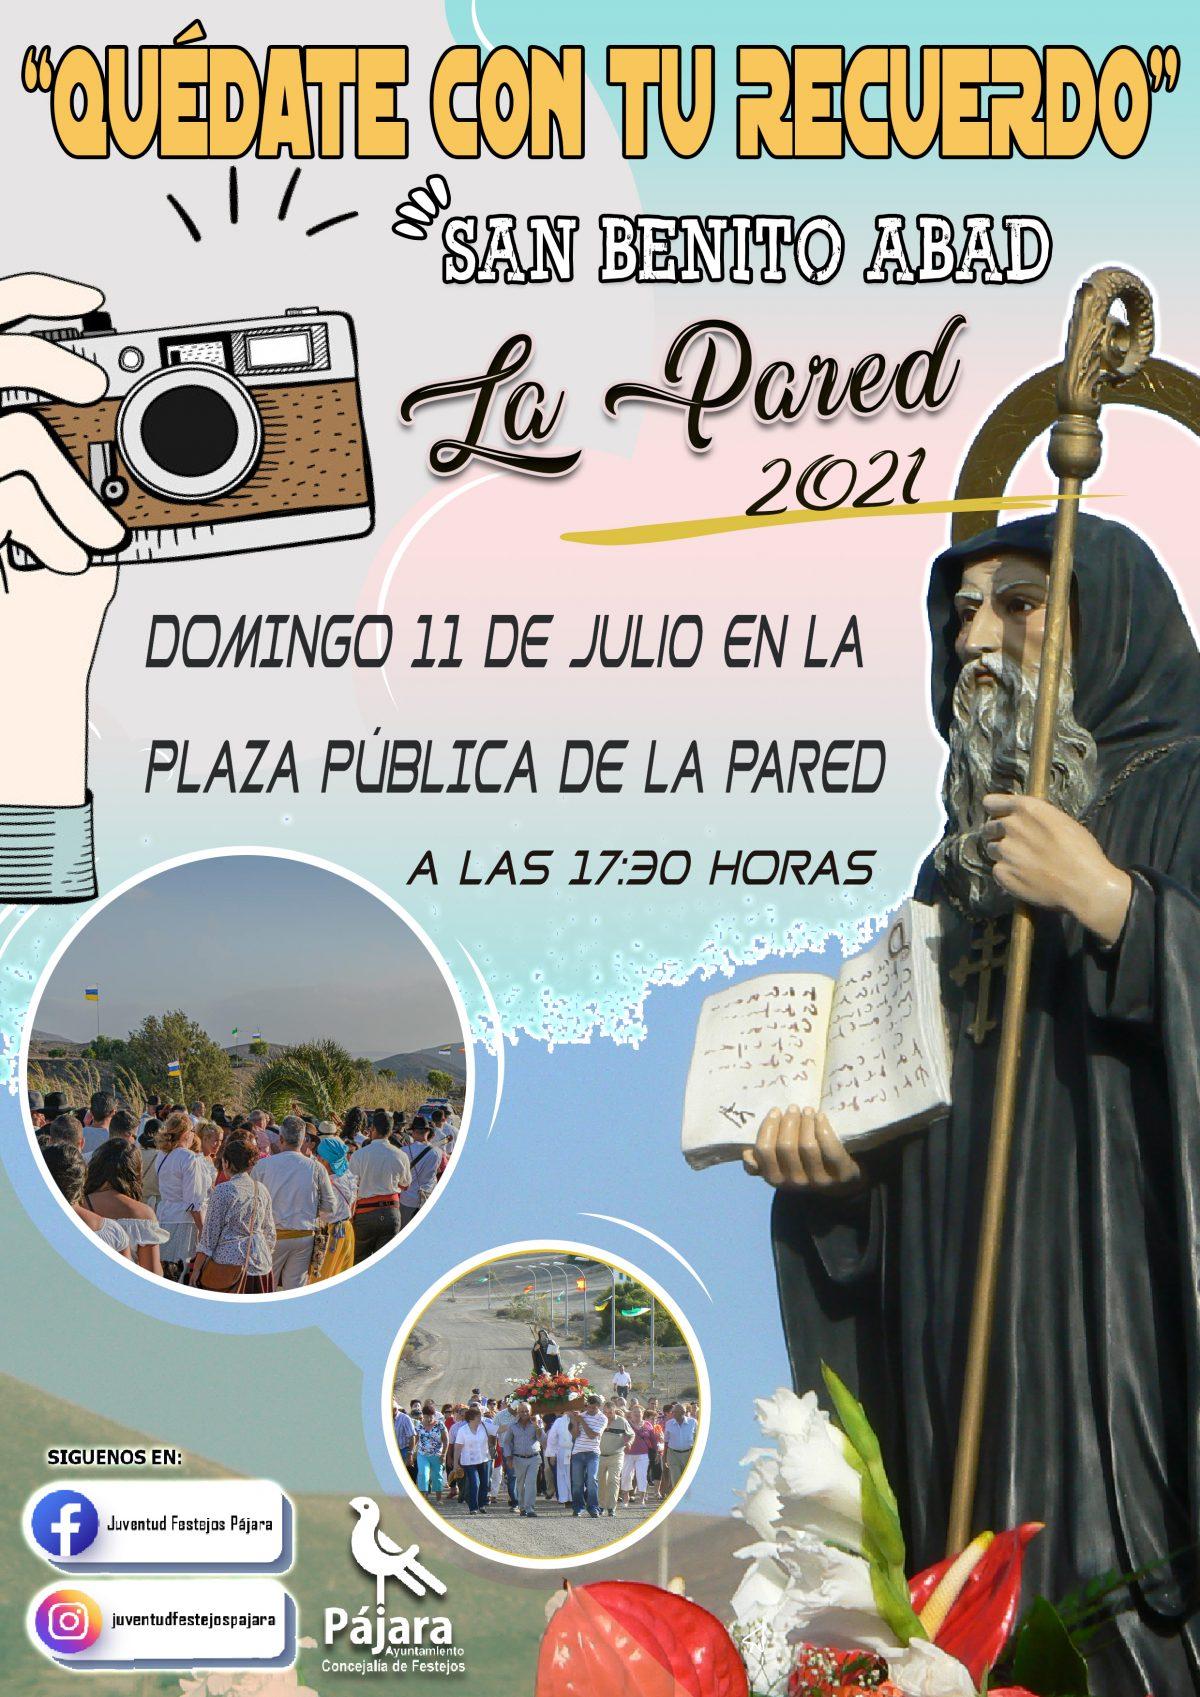 'Quédate con tu recuerdo' por el Día de San Benito Abad de La Pared 2021